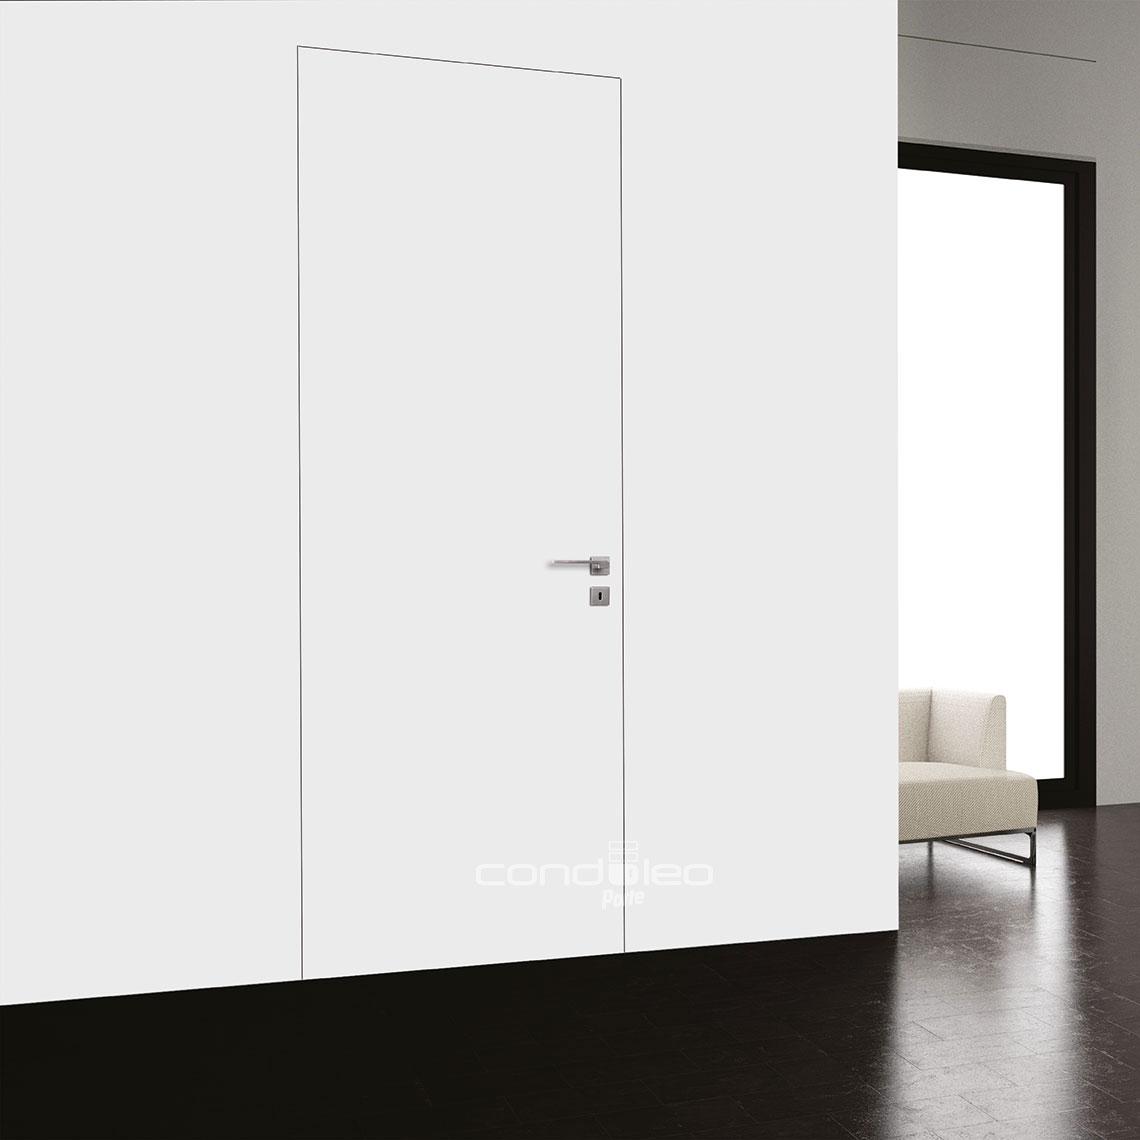 Porte Filo Muro Specchio porta filo muro mod. liscio • porte interne condoleo